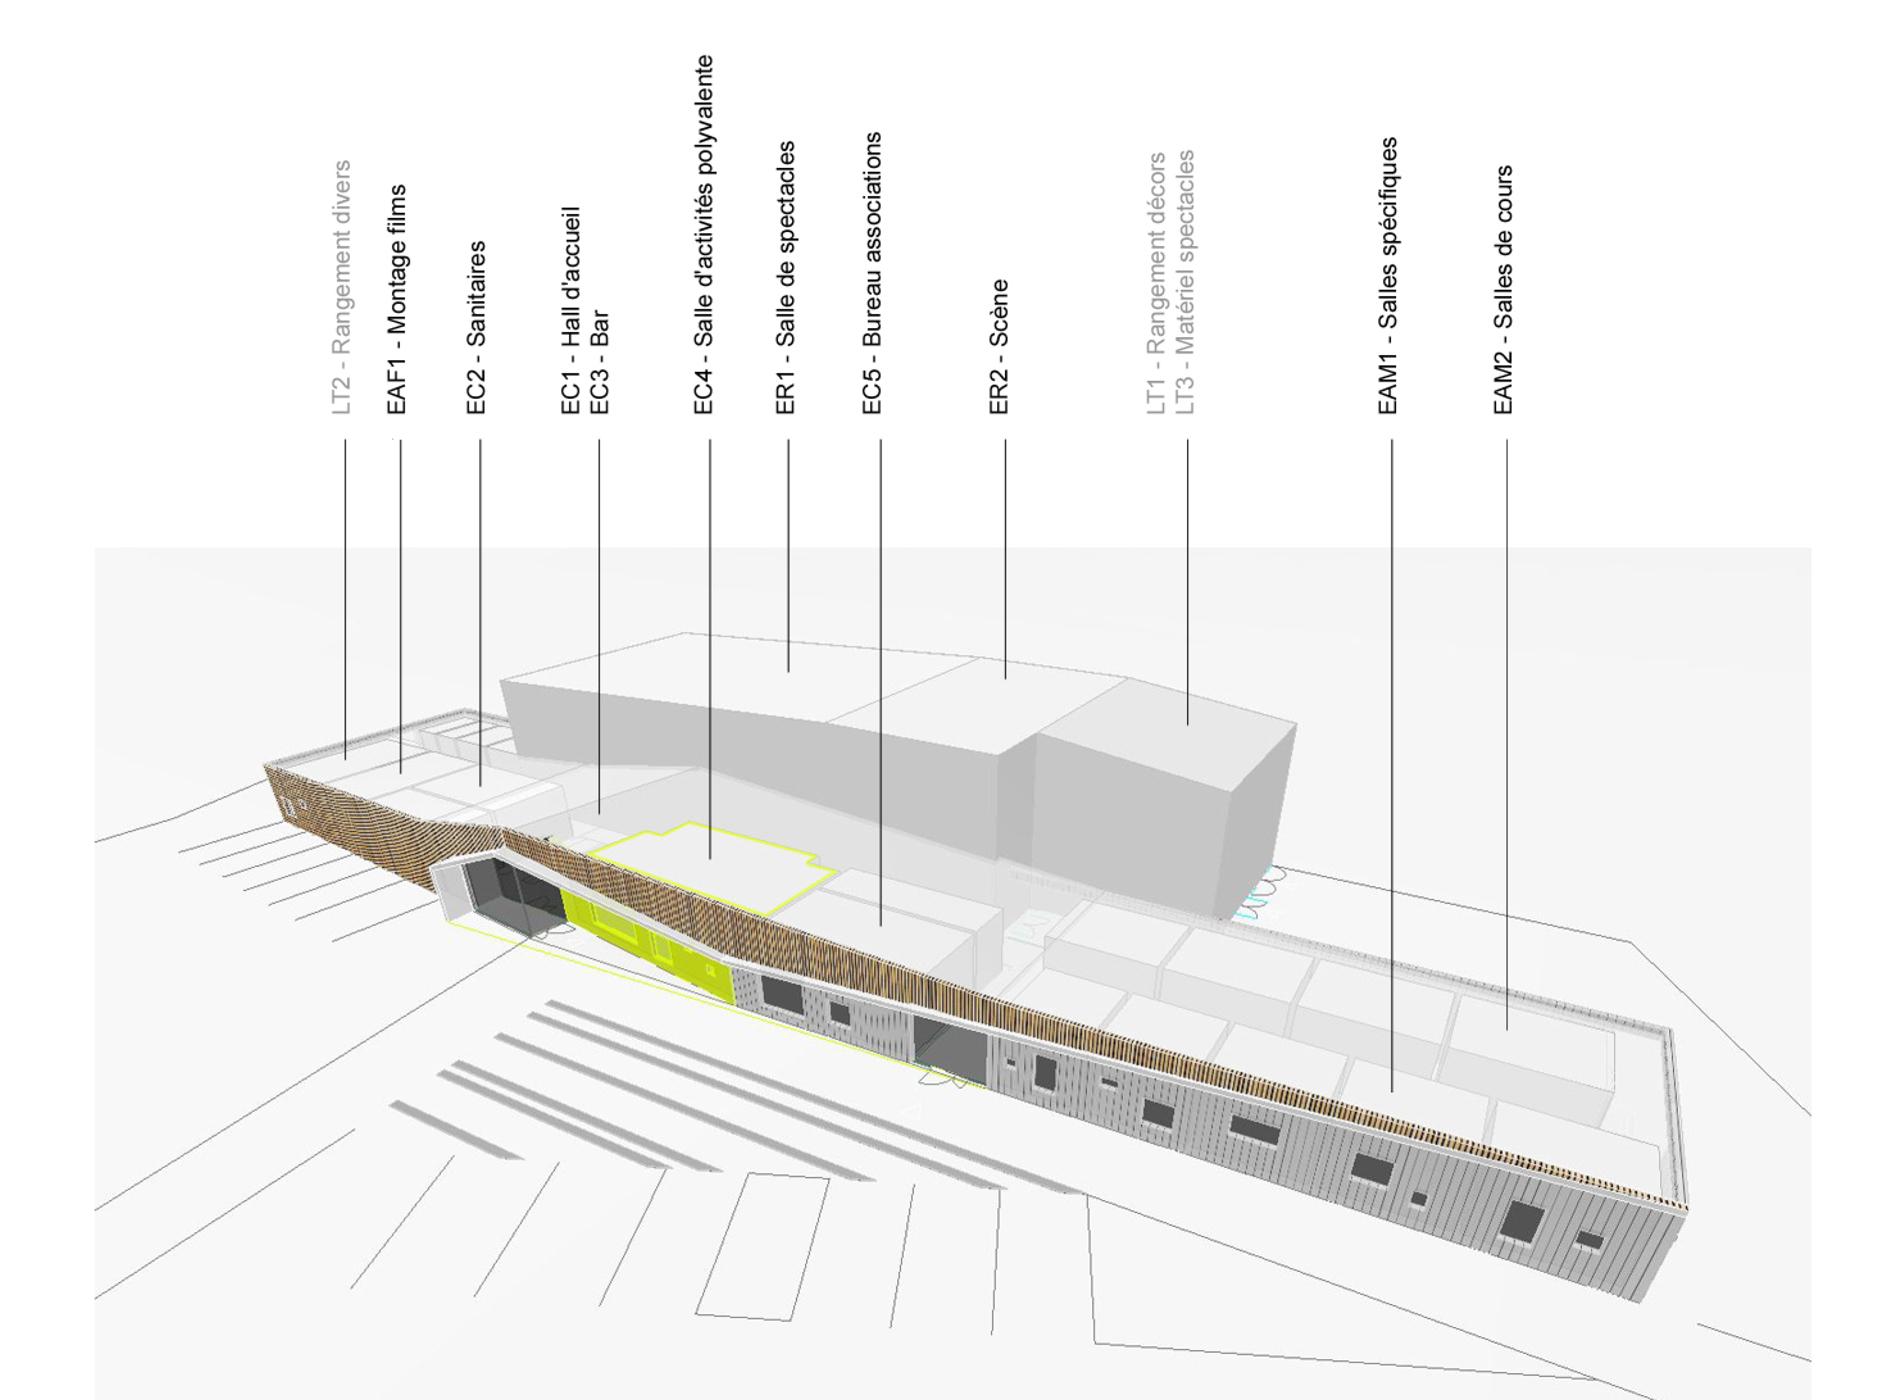 Programmation architecturale – Construction d'un pôle culturel à Sucé-sur-Erdre - Axonométrie - Cap Urbain, agence de programmation urbaine et architecturale à Nantes // Crédits : Déesse 23 Architecture